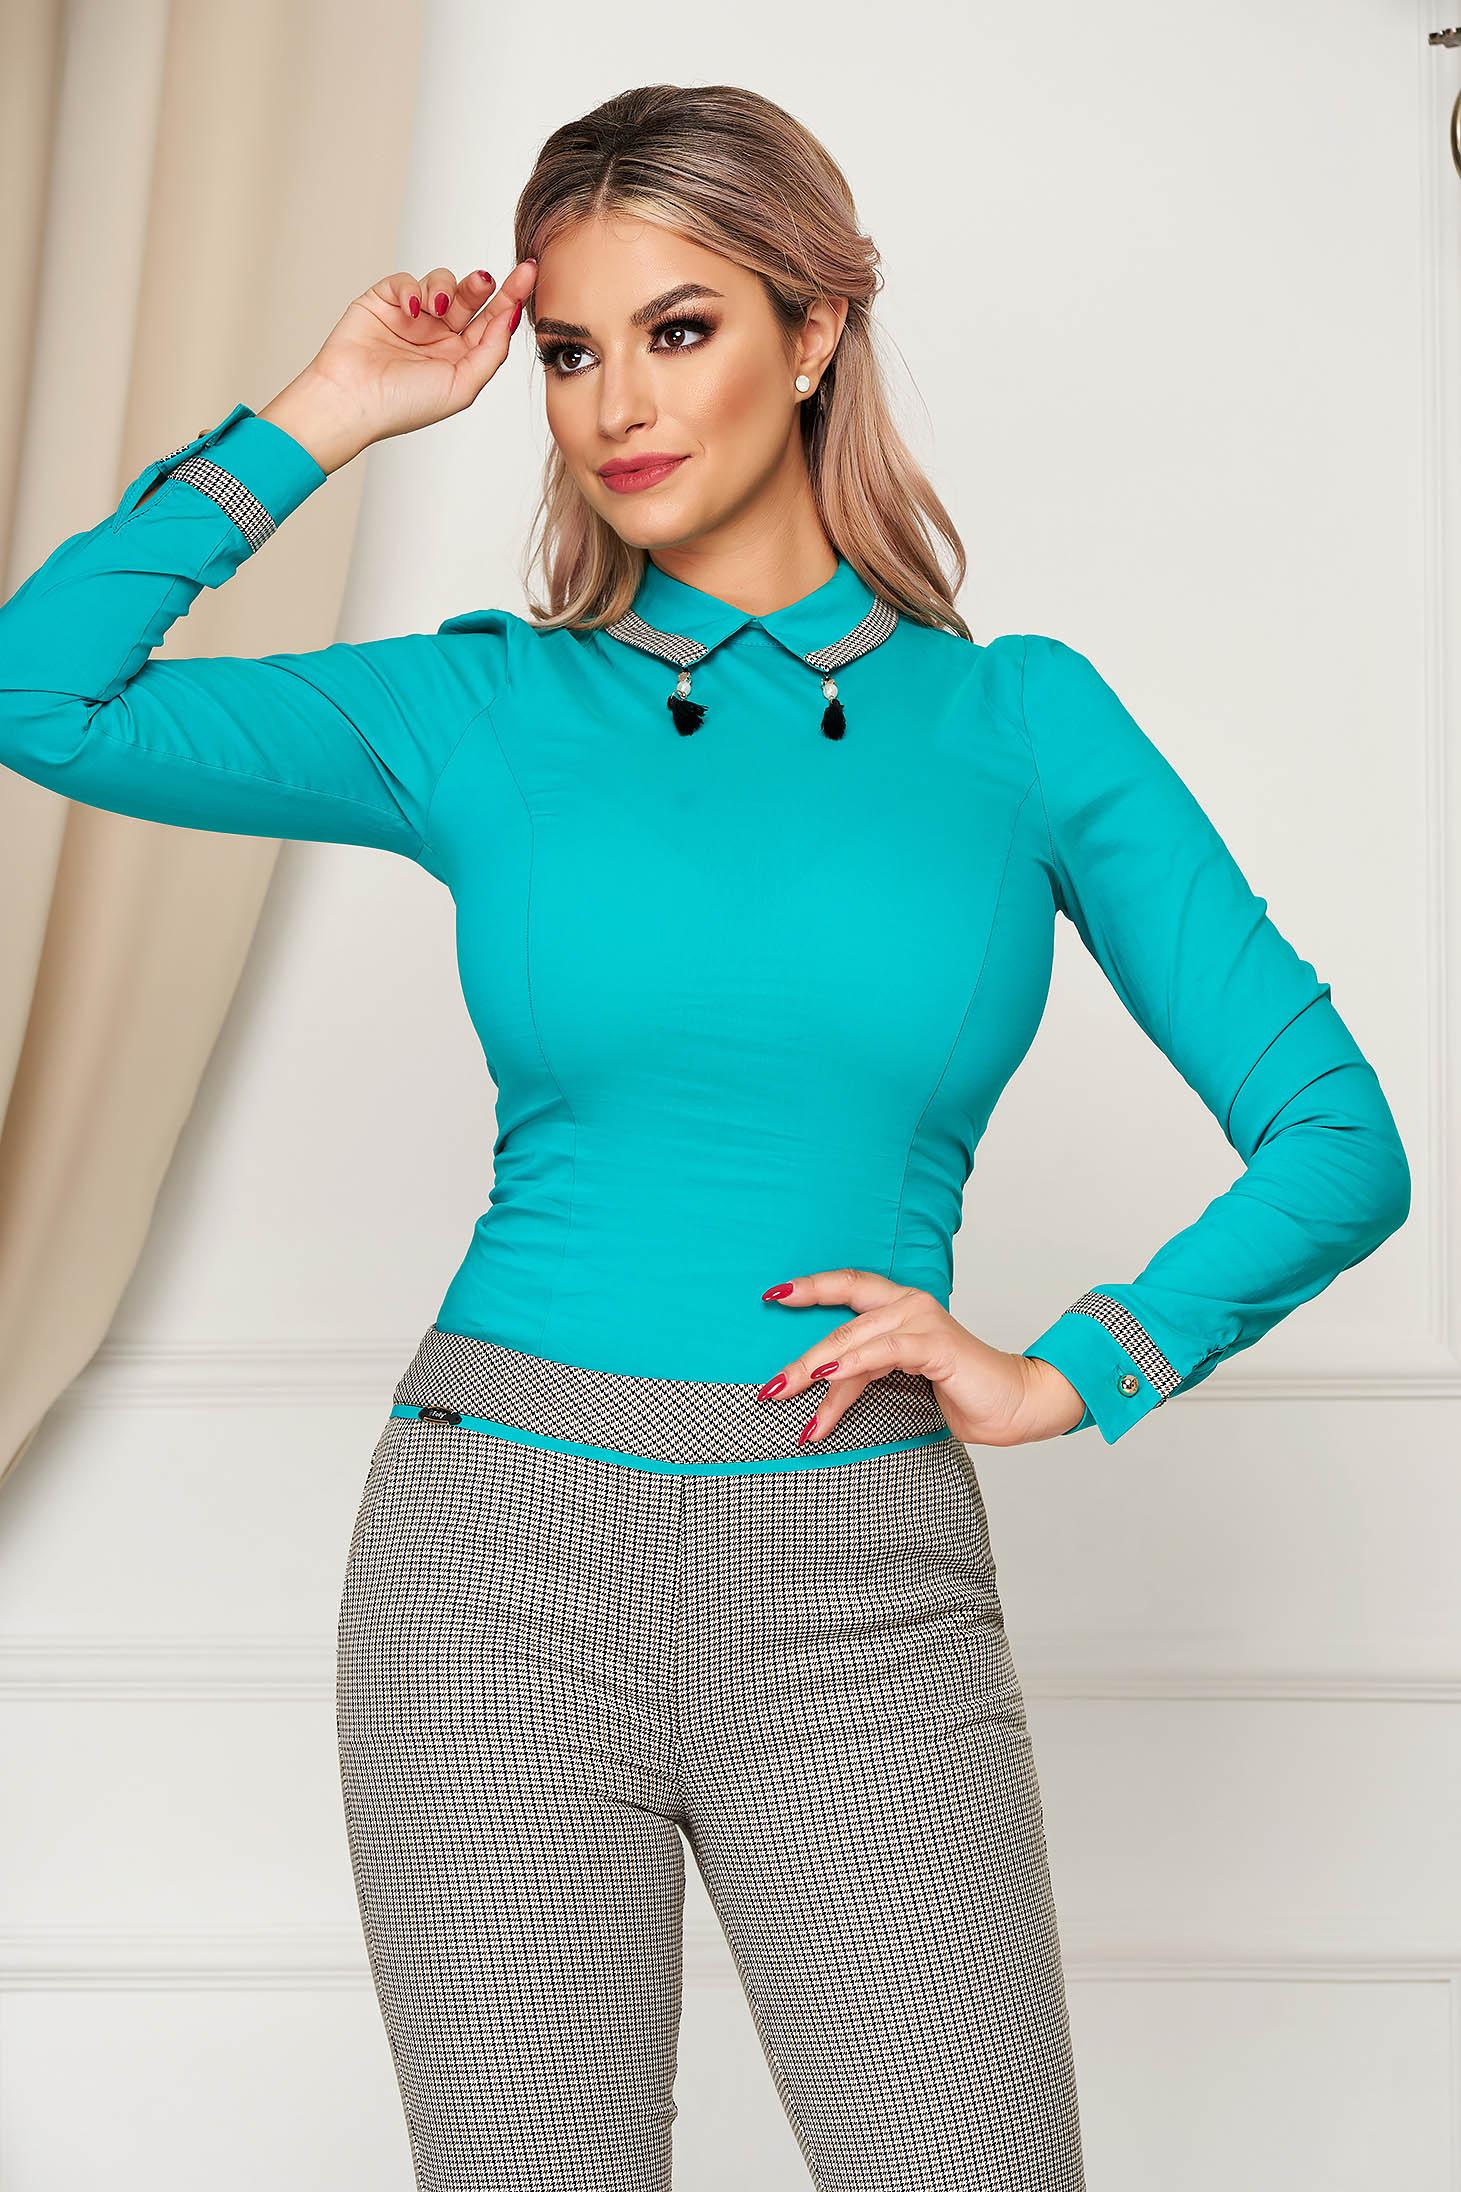 Türkizzöld irodai női ing szűk szabású enyhén elasztikus pamut